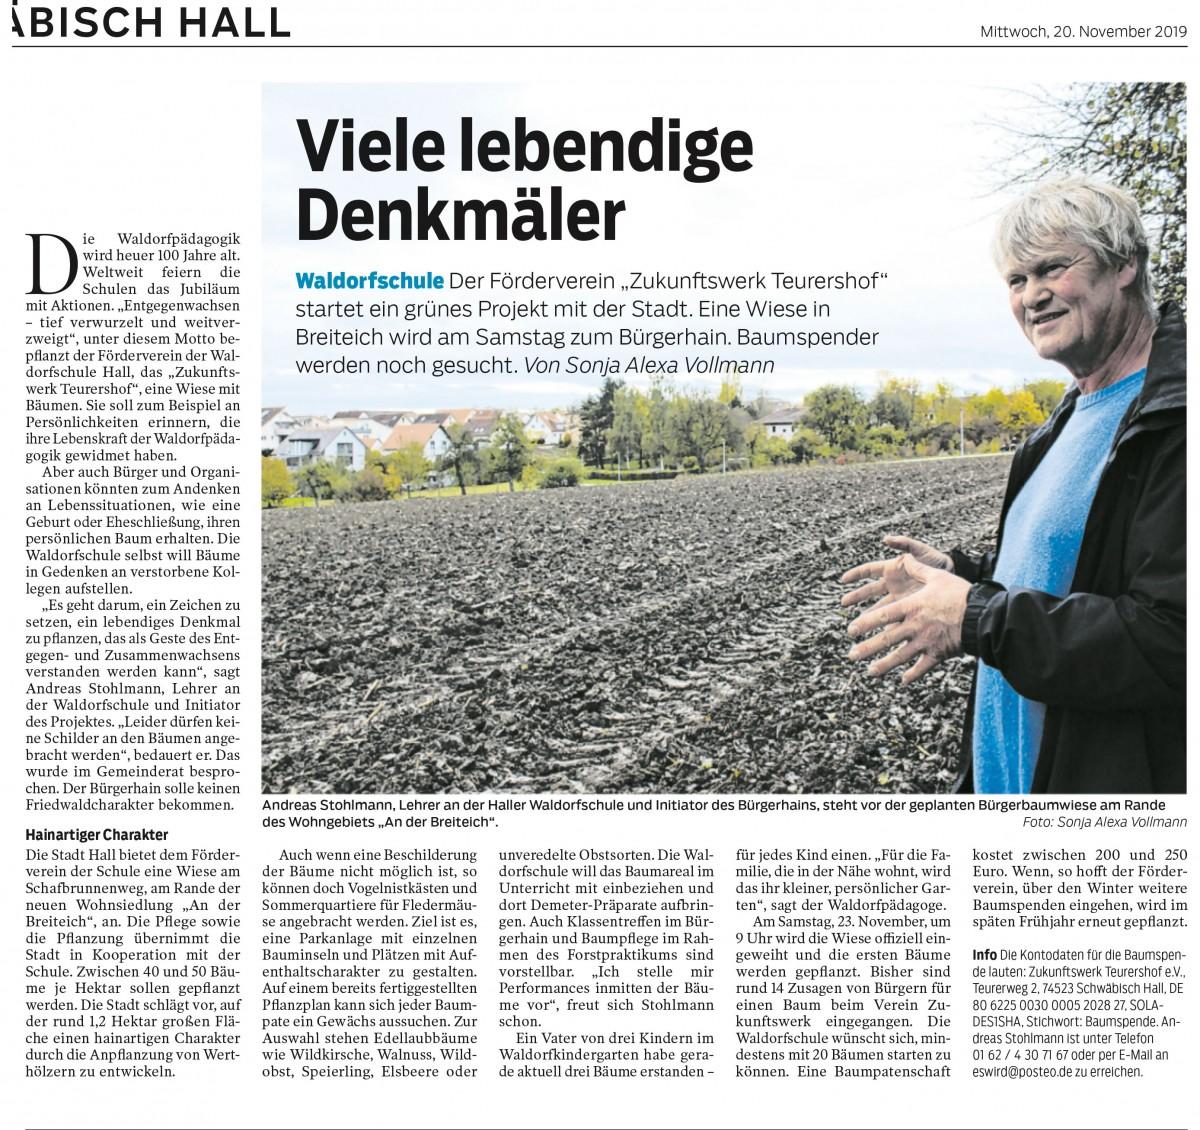 Viele lebendige Denkmähler – das Baumpflanzprojekt der Waldorfschule in Kooperation mit der Stadt Schwäbisch Hall